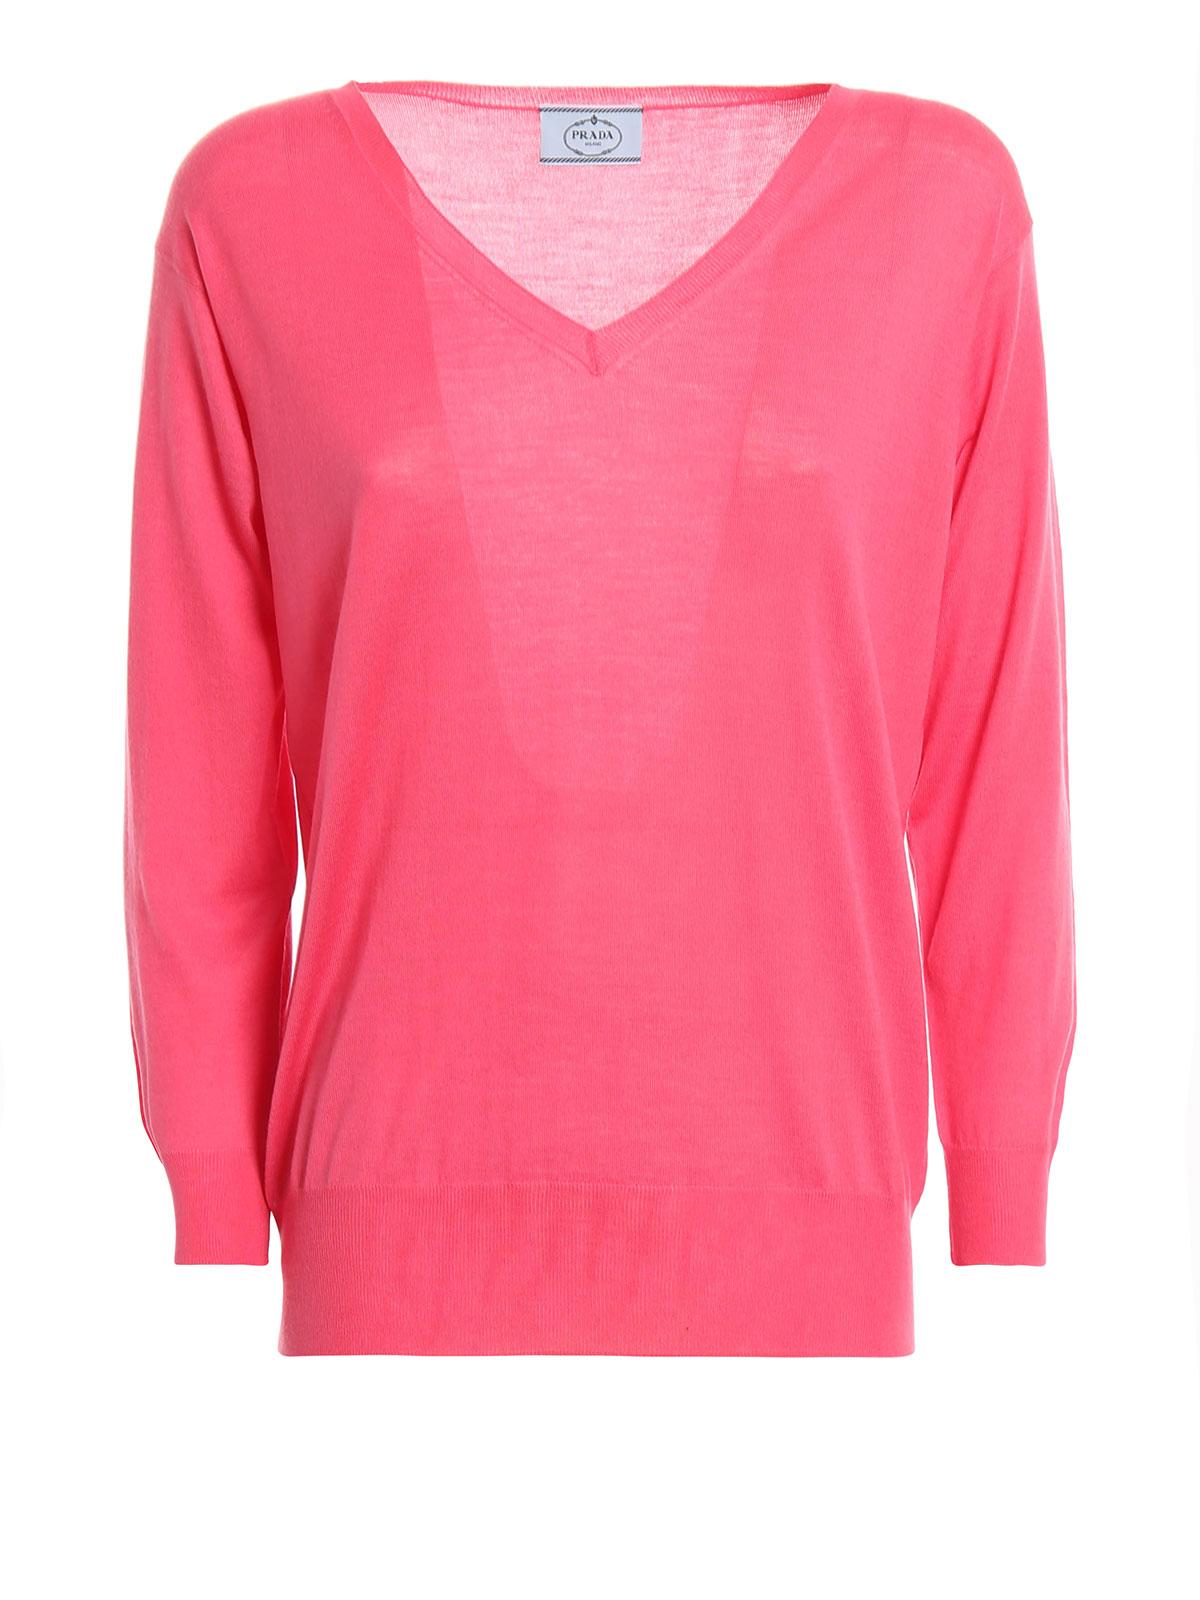 fc25fefaf46e Prada - T-Shirt À Col V Fuchsia Pour Femme - Col en V - P24Q77 J2N 029